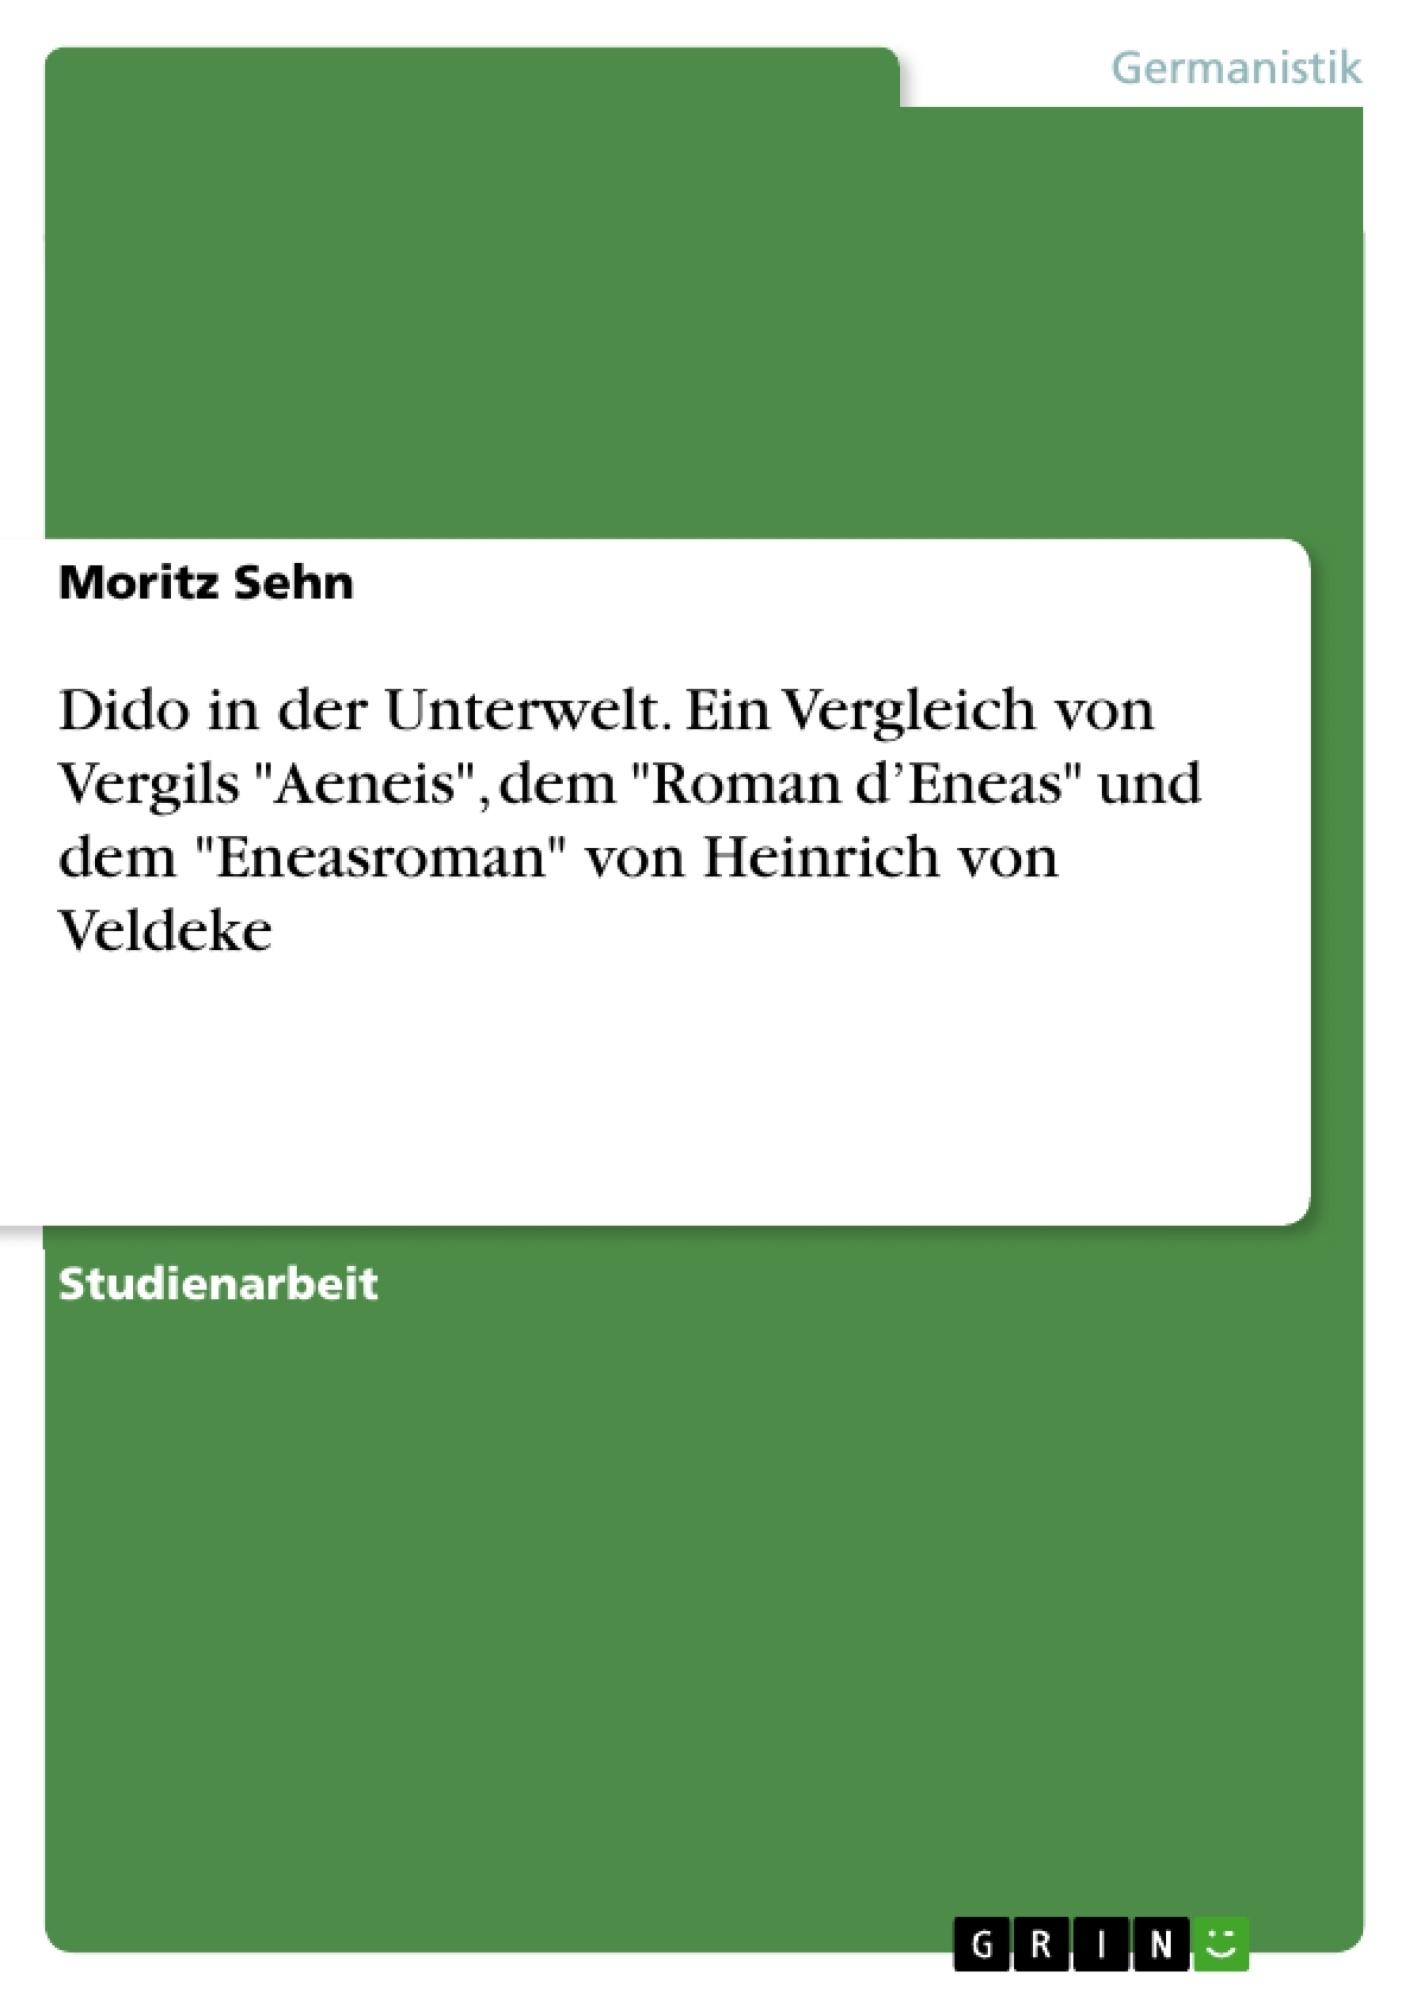 """Titel: Dido in der Unterwelt. Ein Vergleich von Vergils """"Aeneis"""", dem """"Roman d'Eneas"""" und dem """"Eneasroman"""" von Heinrich von Veldeke"""